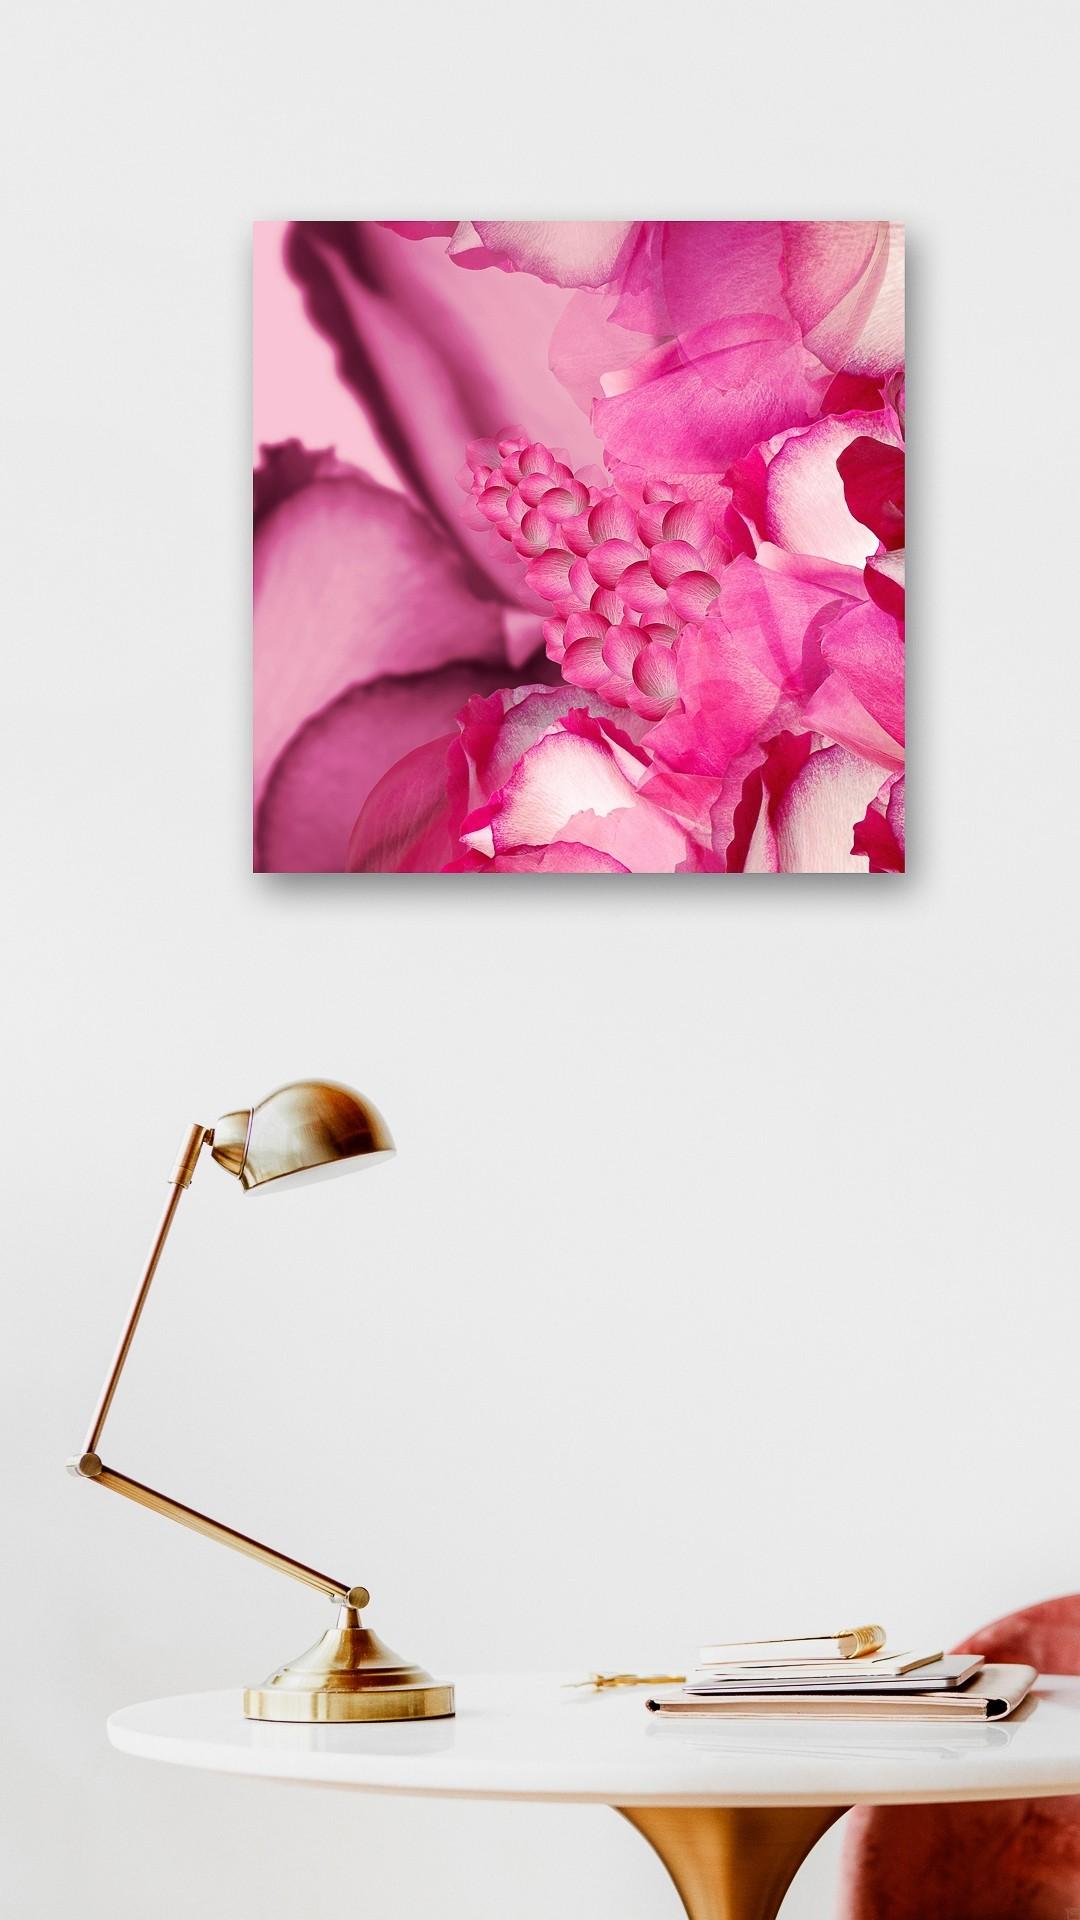 Rose Garden | Fotografie von Theresa Lambrecht, Fotodruck auf Alu-Dibond, limitierte Edition - 2